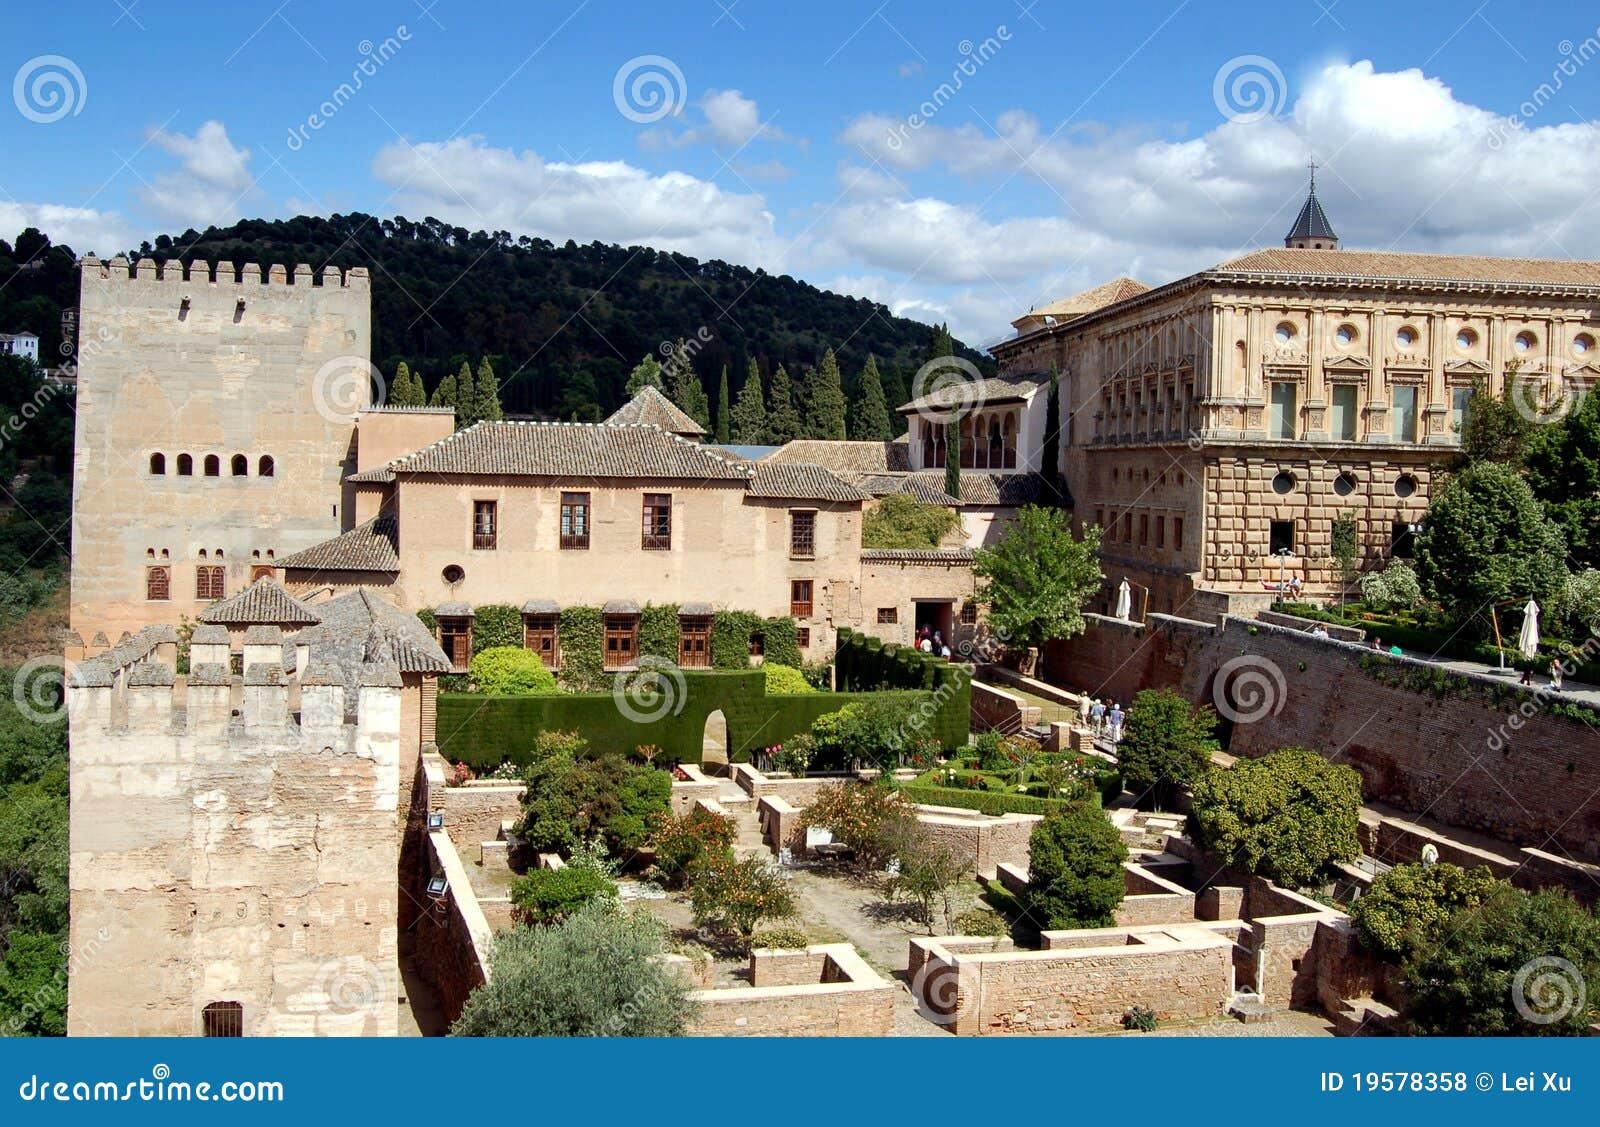 阿尔汉布拉规则式园林格拉纳达有历史的壮观的标记中世纪宫殿新生图片